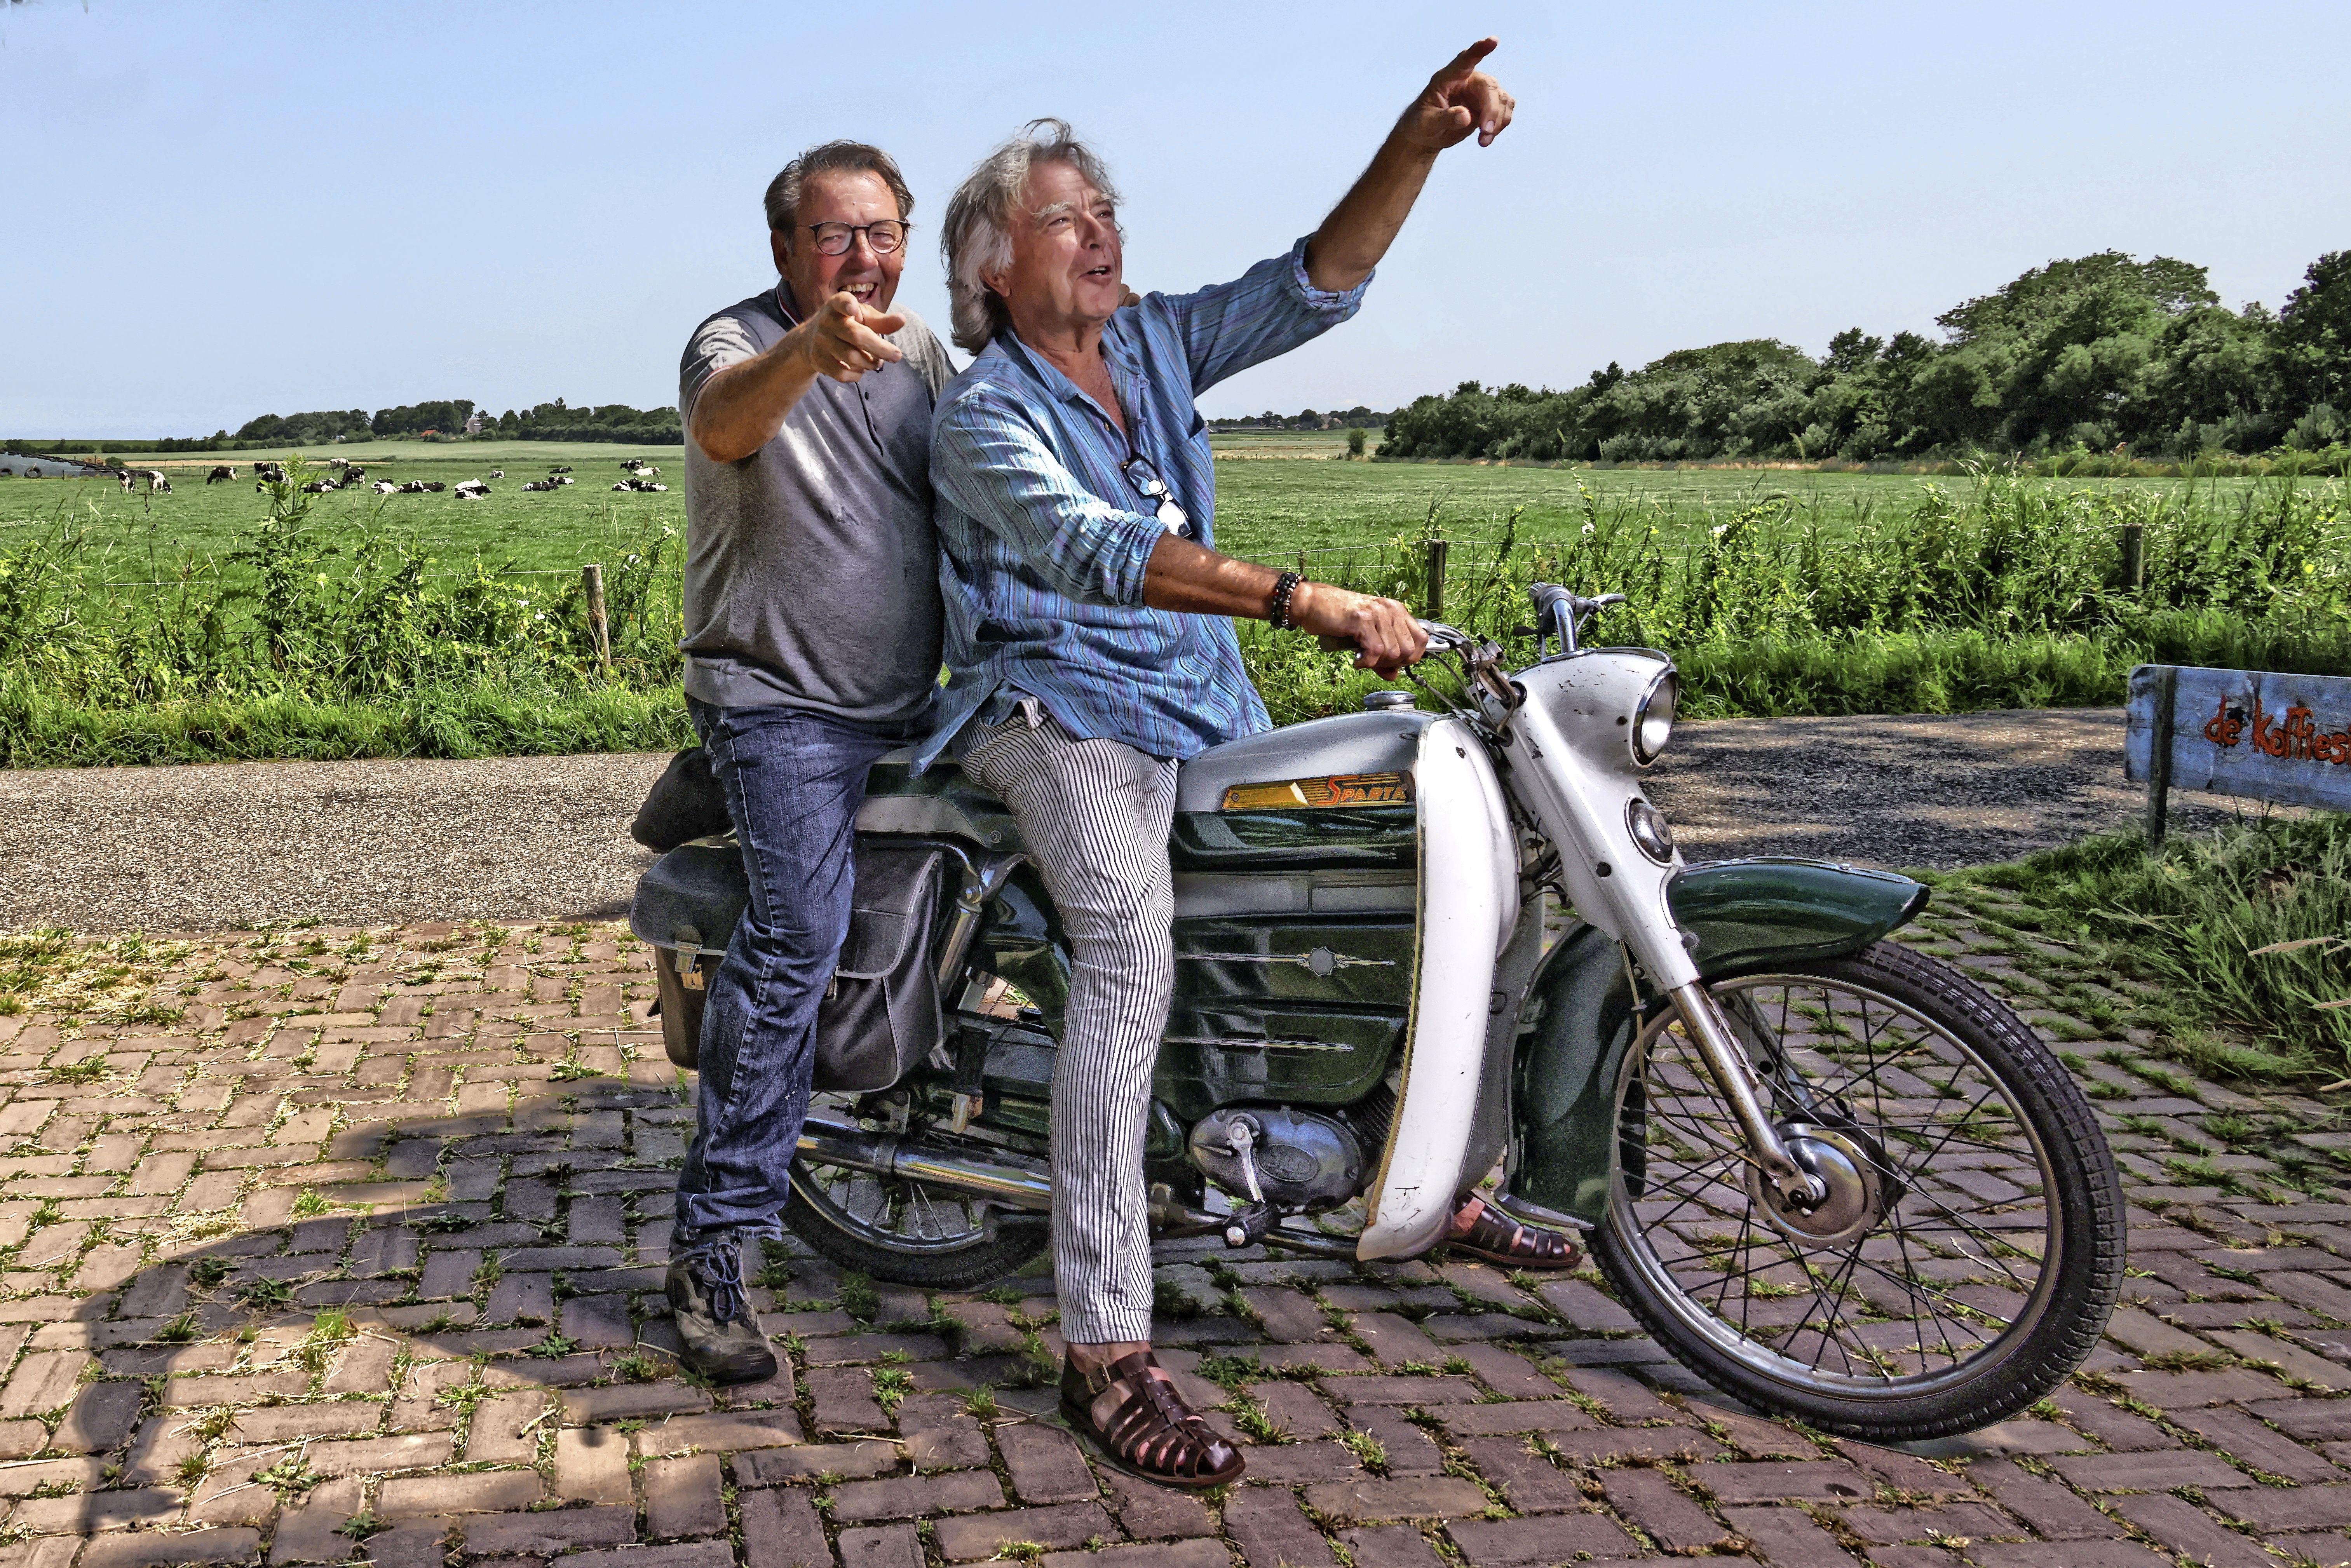 Fotografen Kenneth Stamp en Govert de Roos willen in de zomer van 2022 een fotofestival organiseren op Wieringen. 'Niks uithoek, juist leuk'